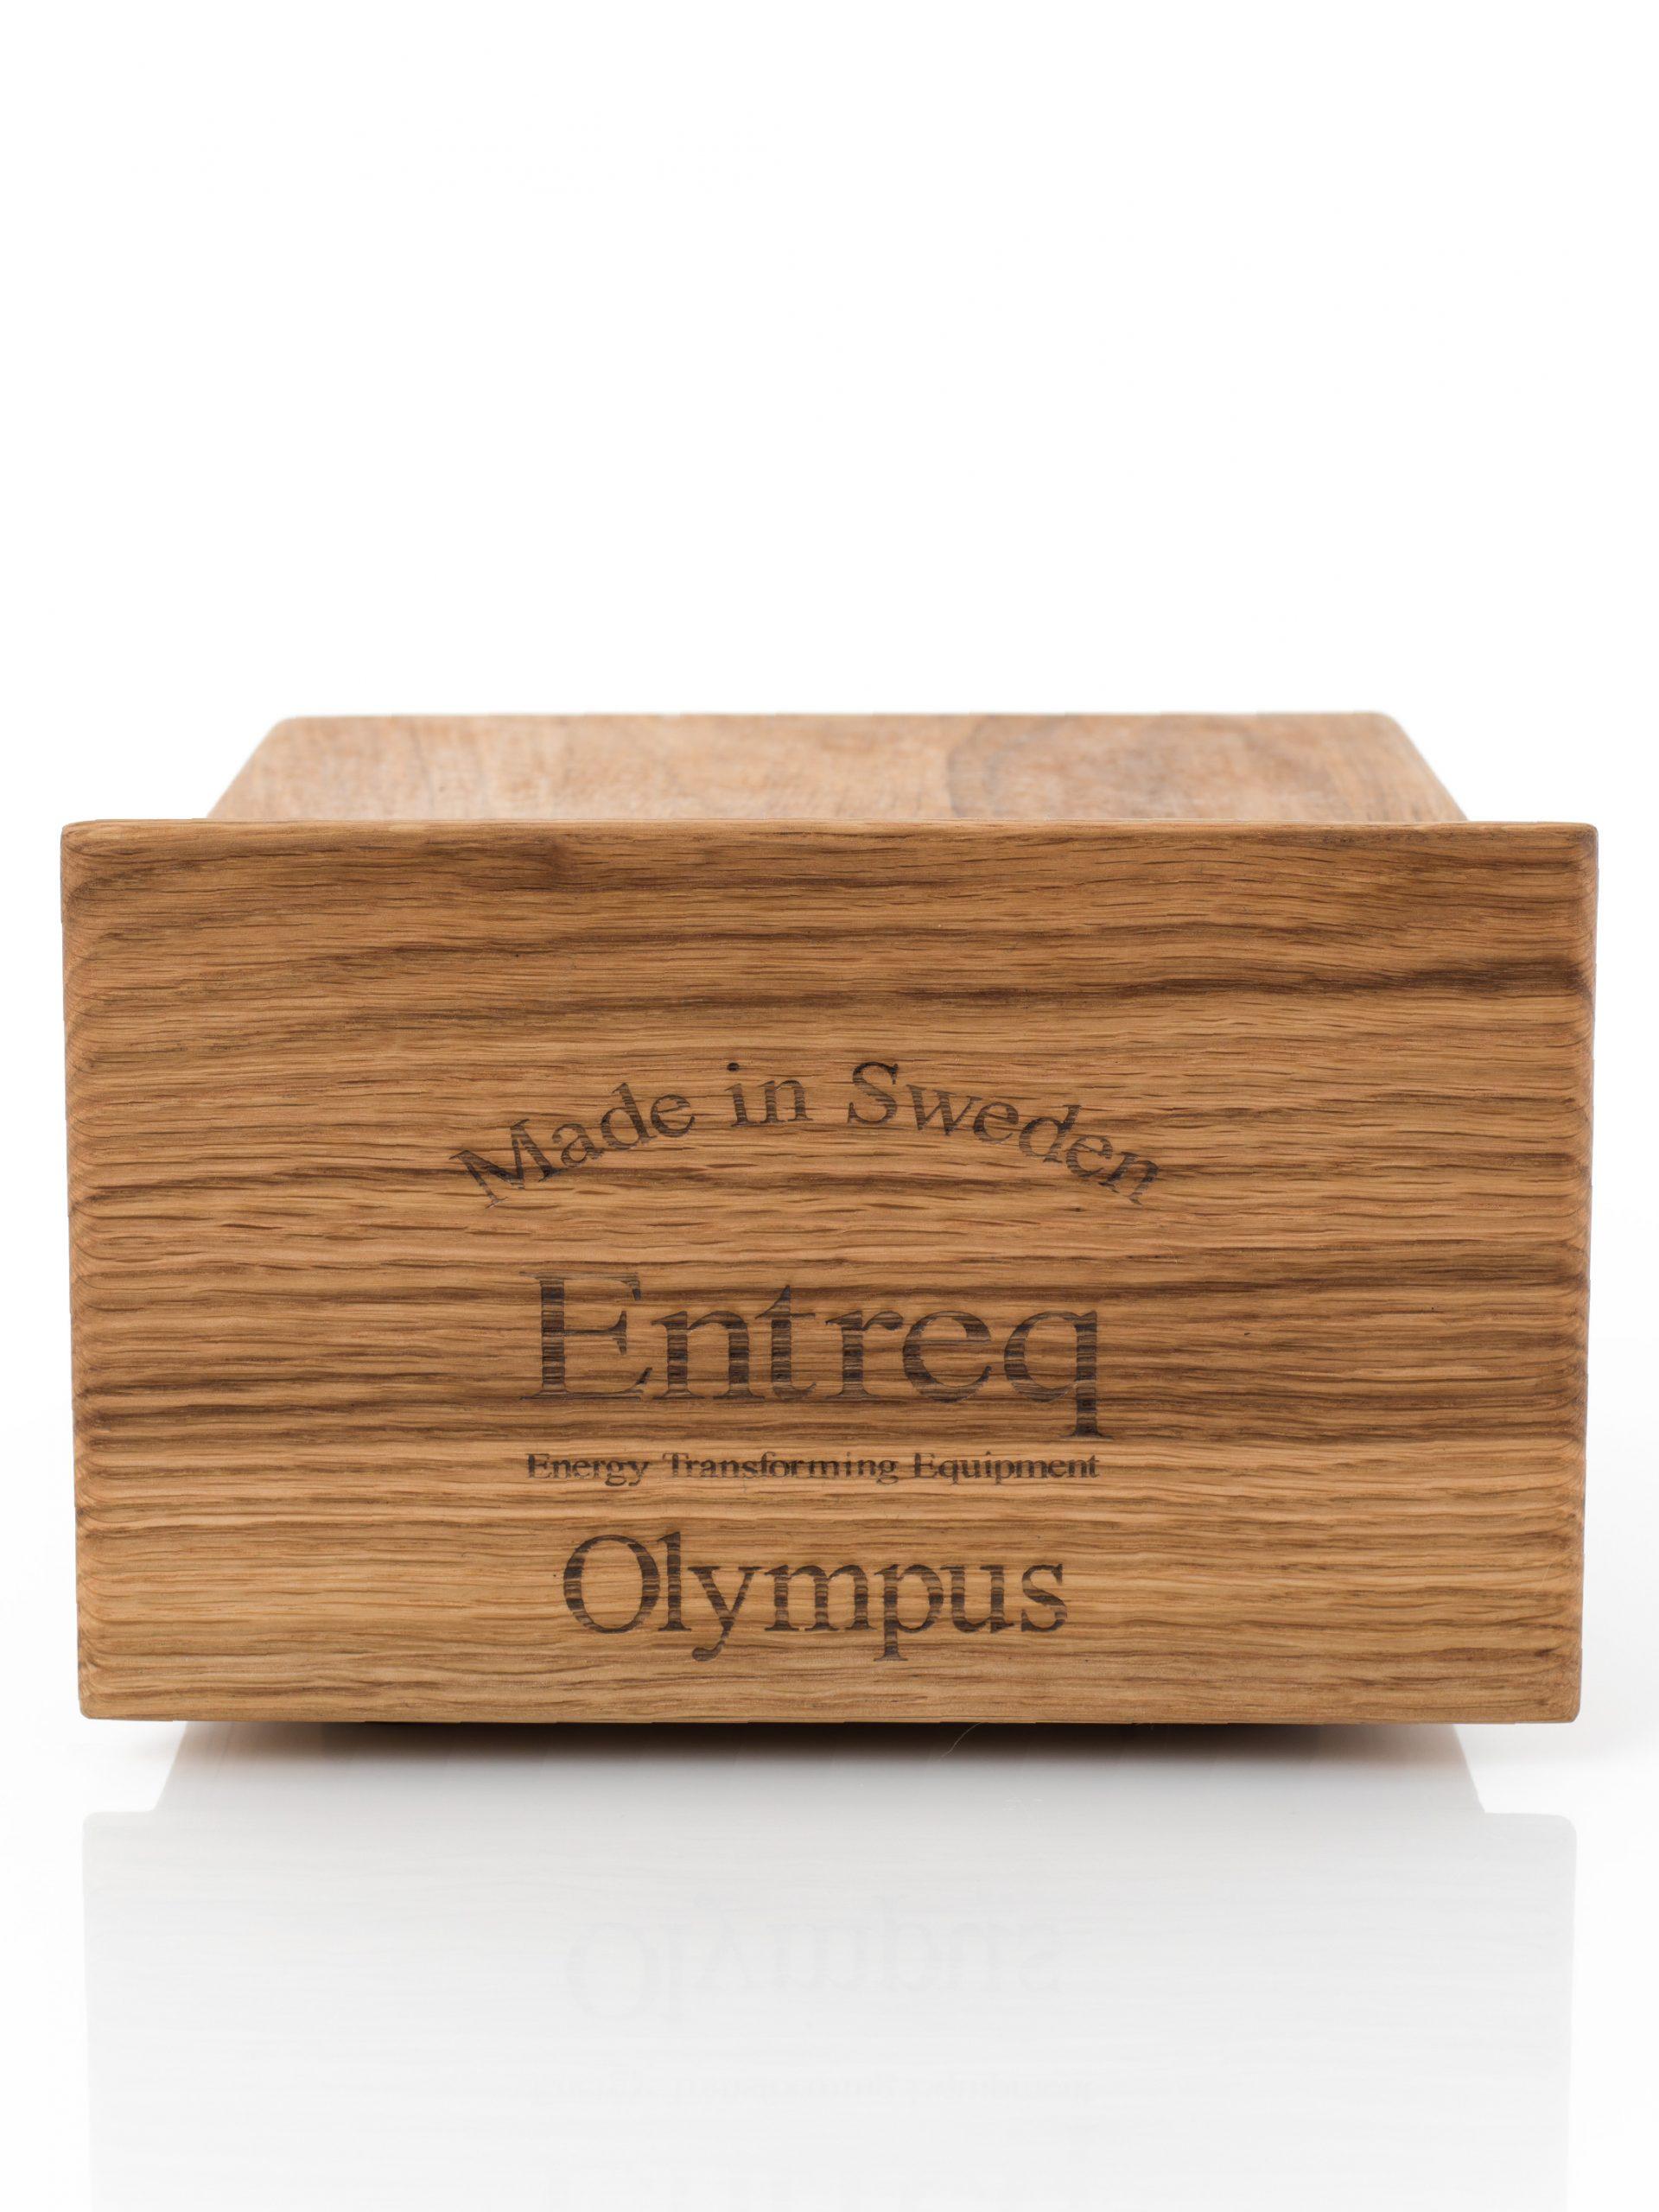 Entreq Olympus Minimus